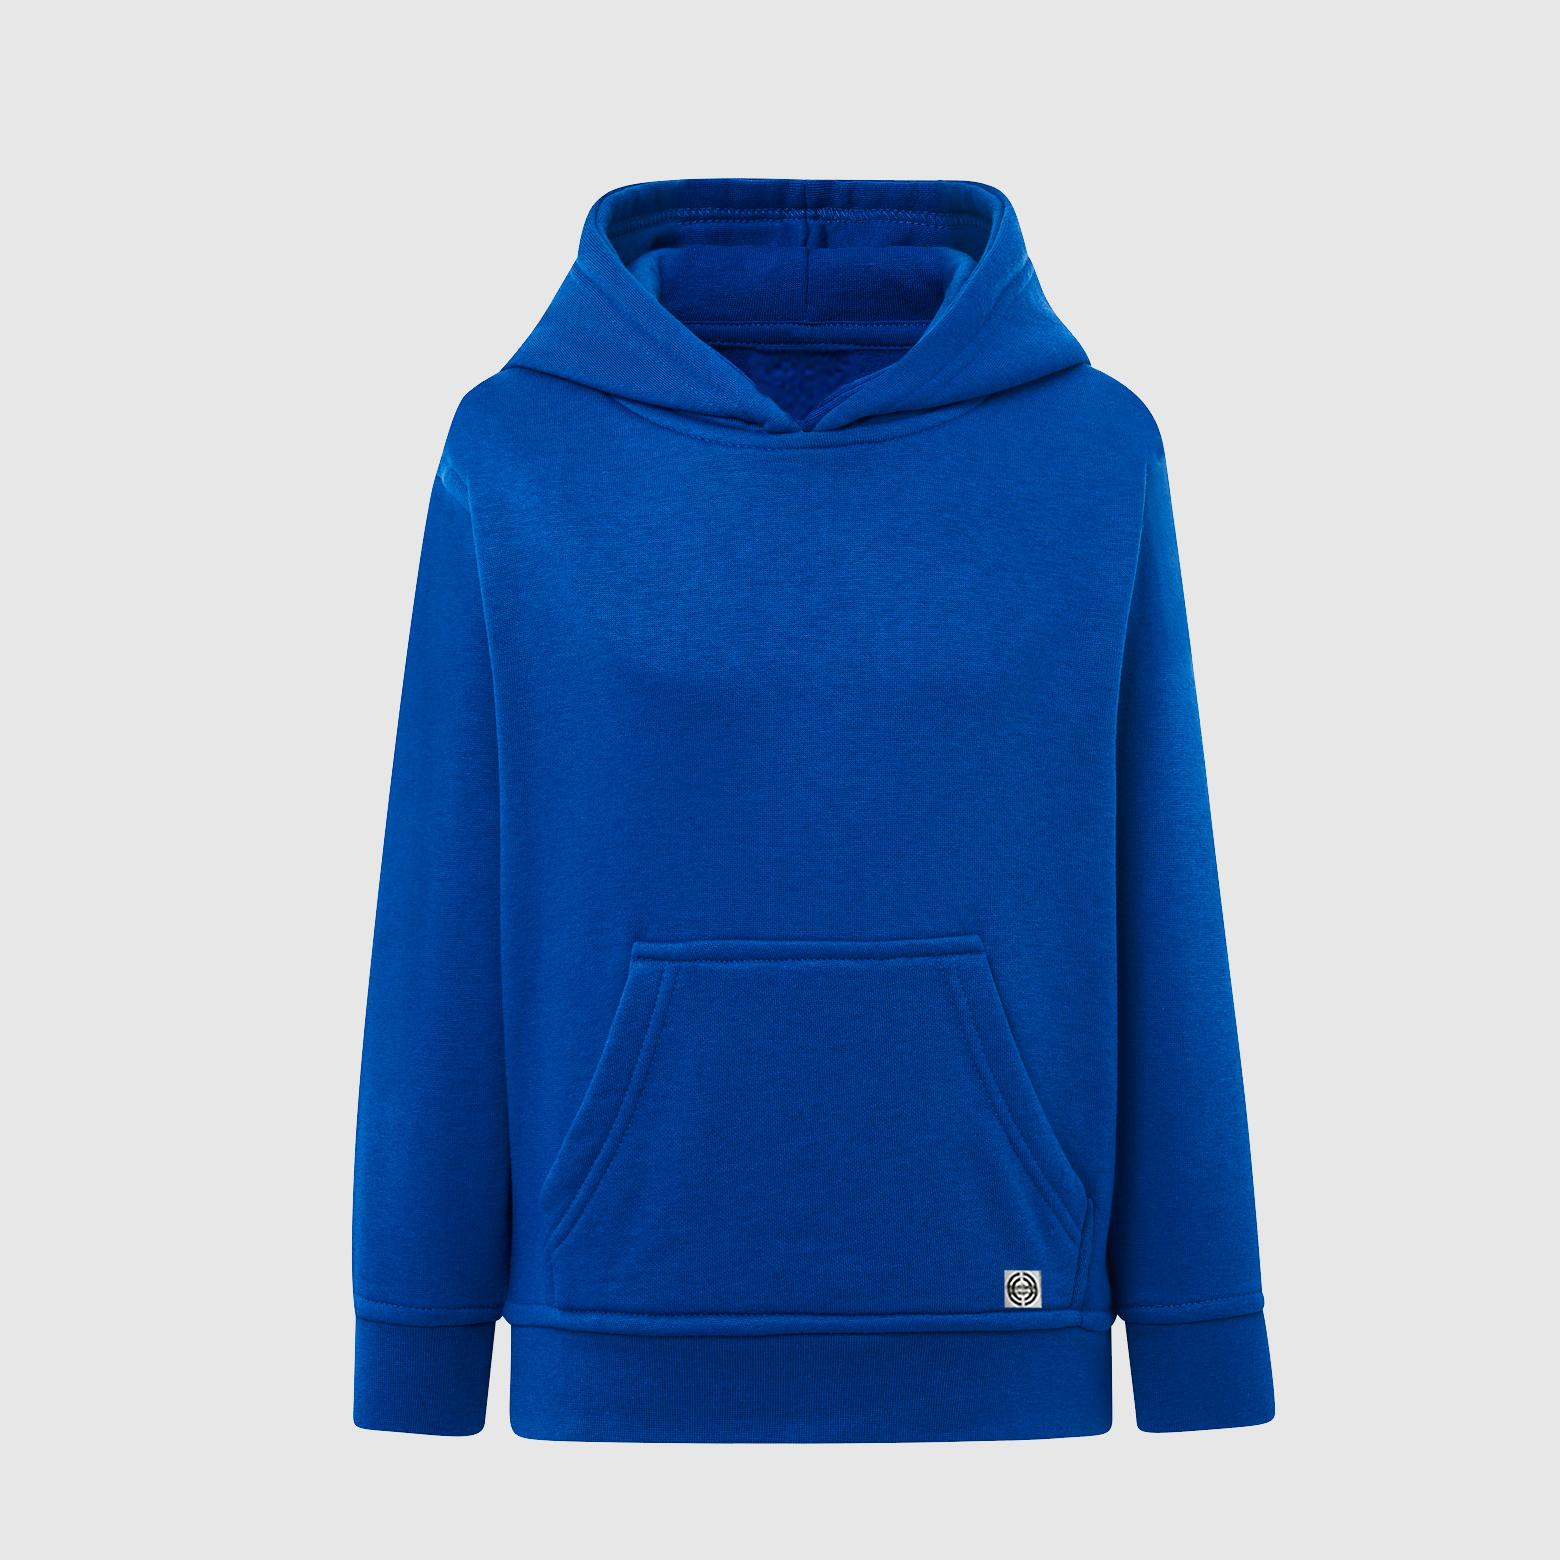 Sudadera capucha clásica niñ@ color azul royal